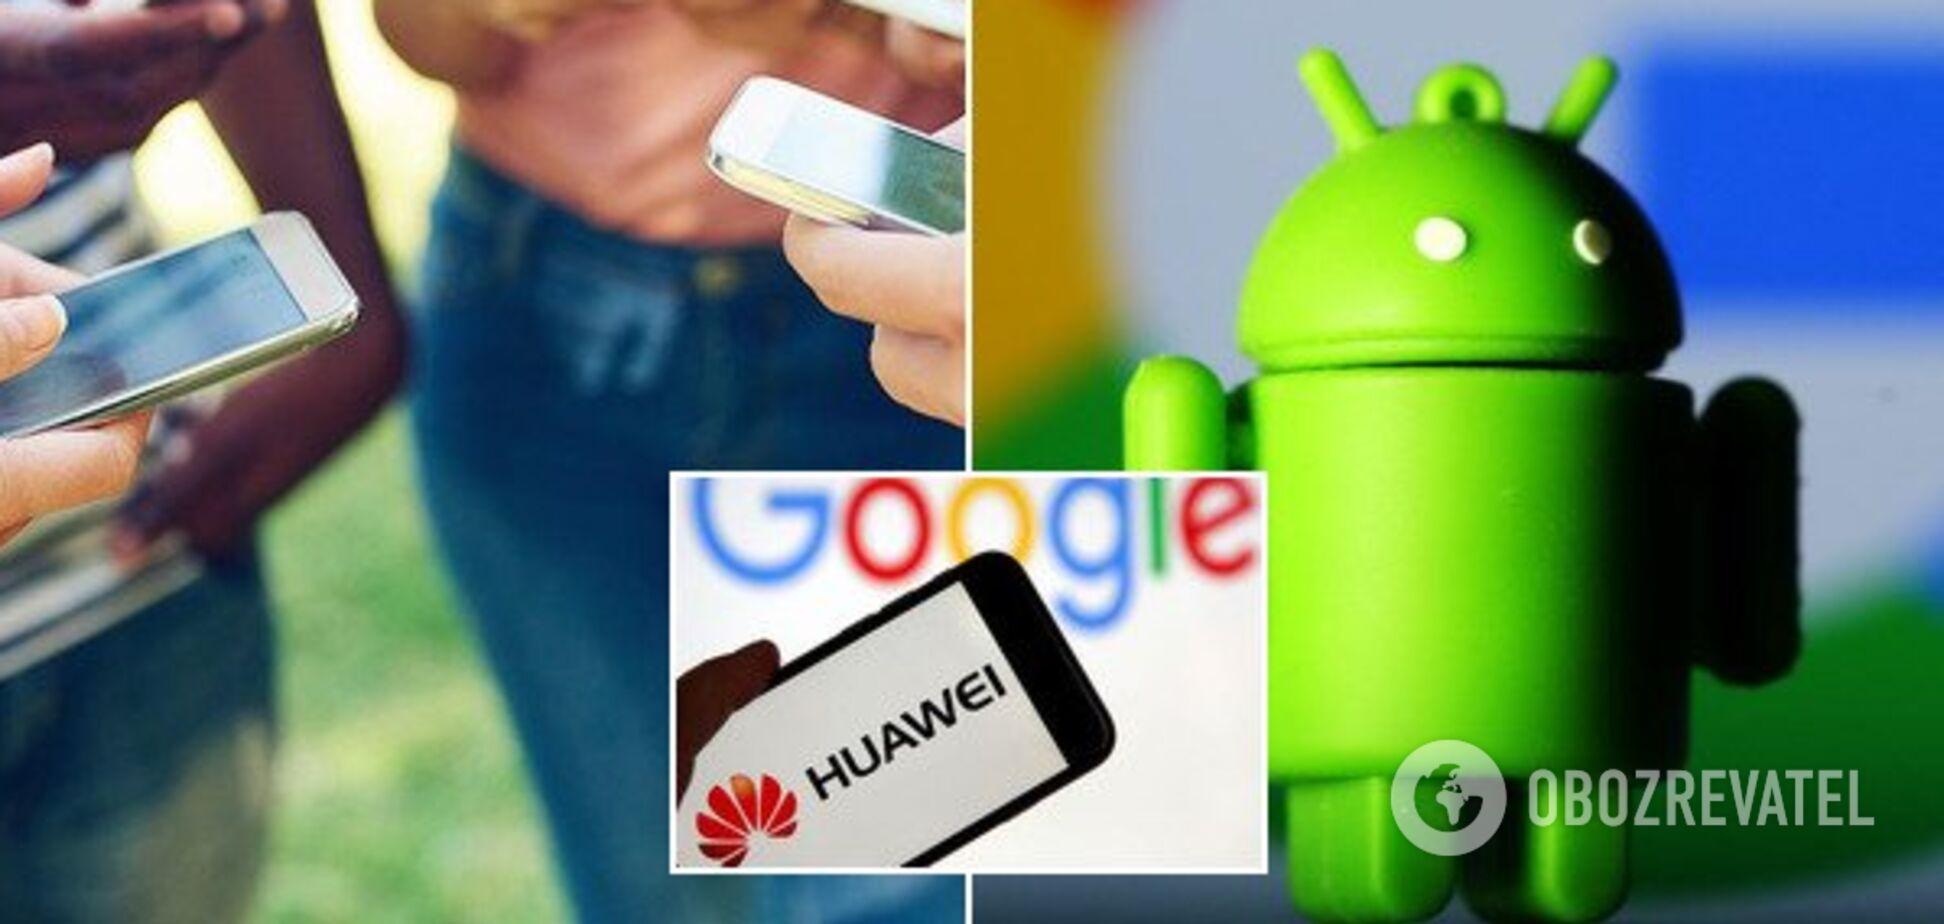 Популярні в Україні смартфони залишаться без Google і Android: що буде з гаджетами